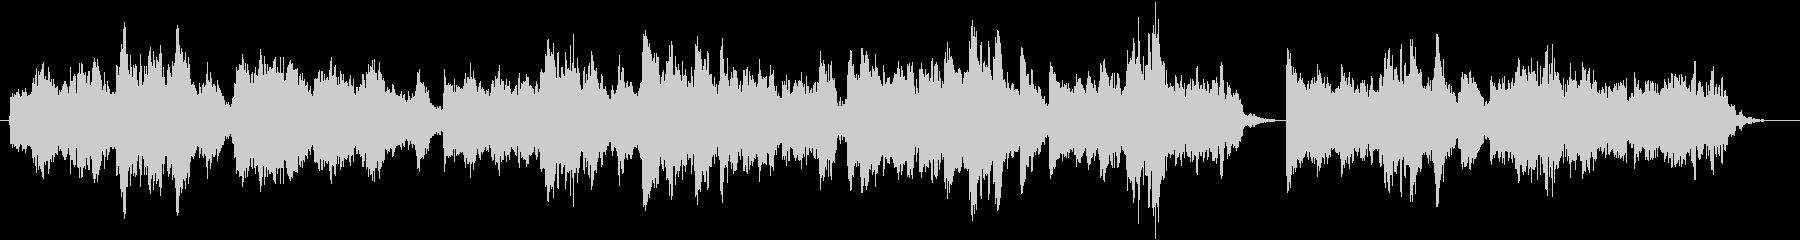 荘厳な教会で歌われるボーイソプラノの未再生の波形